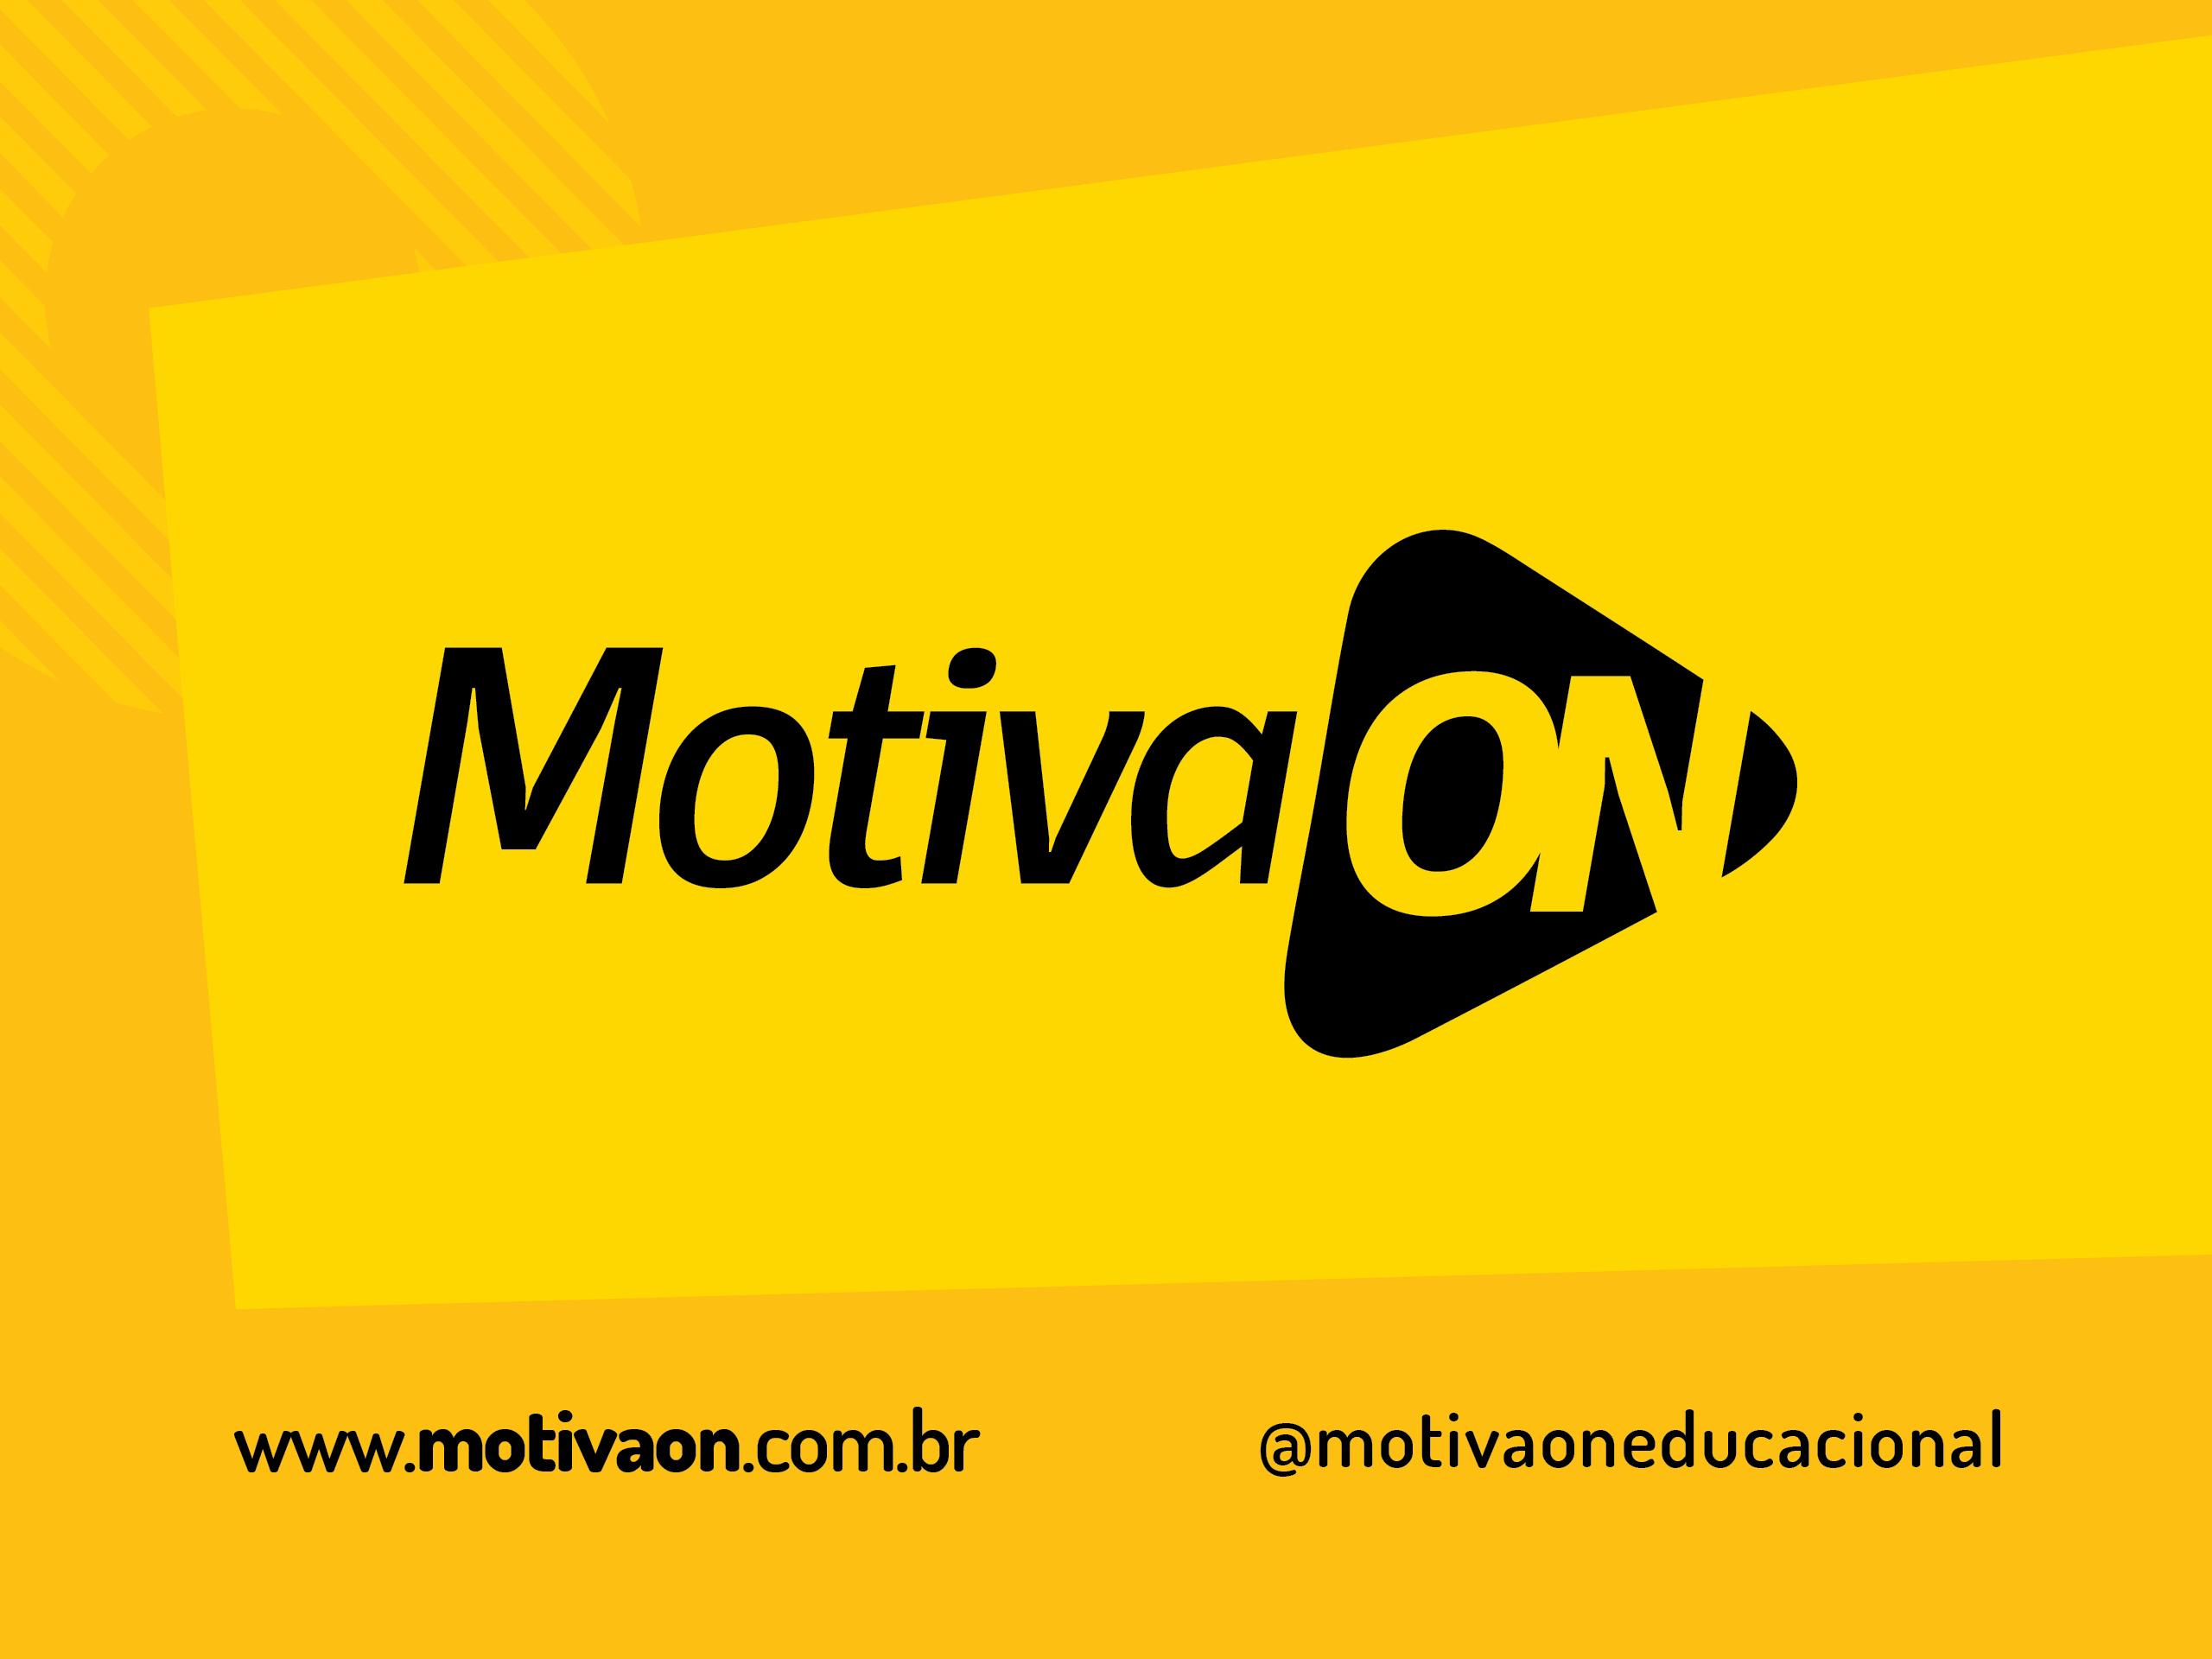 Motivaon